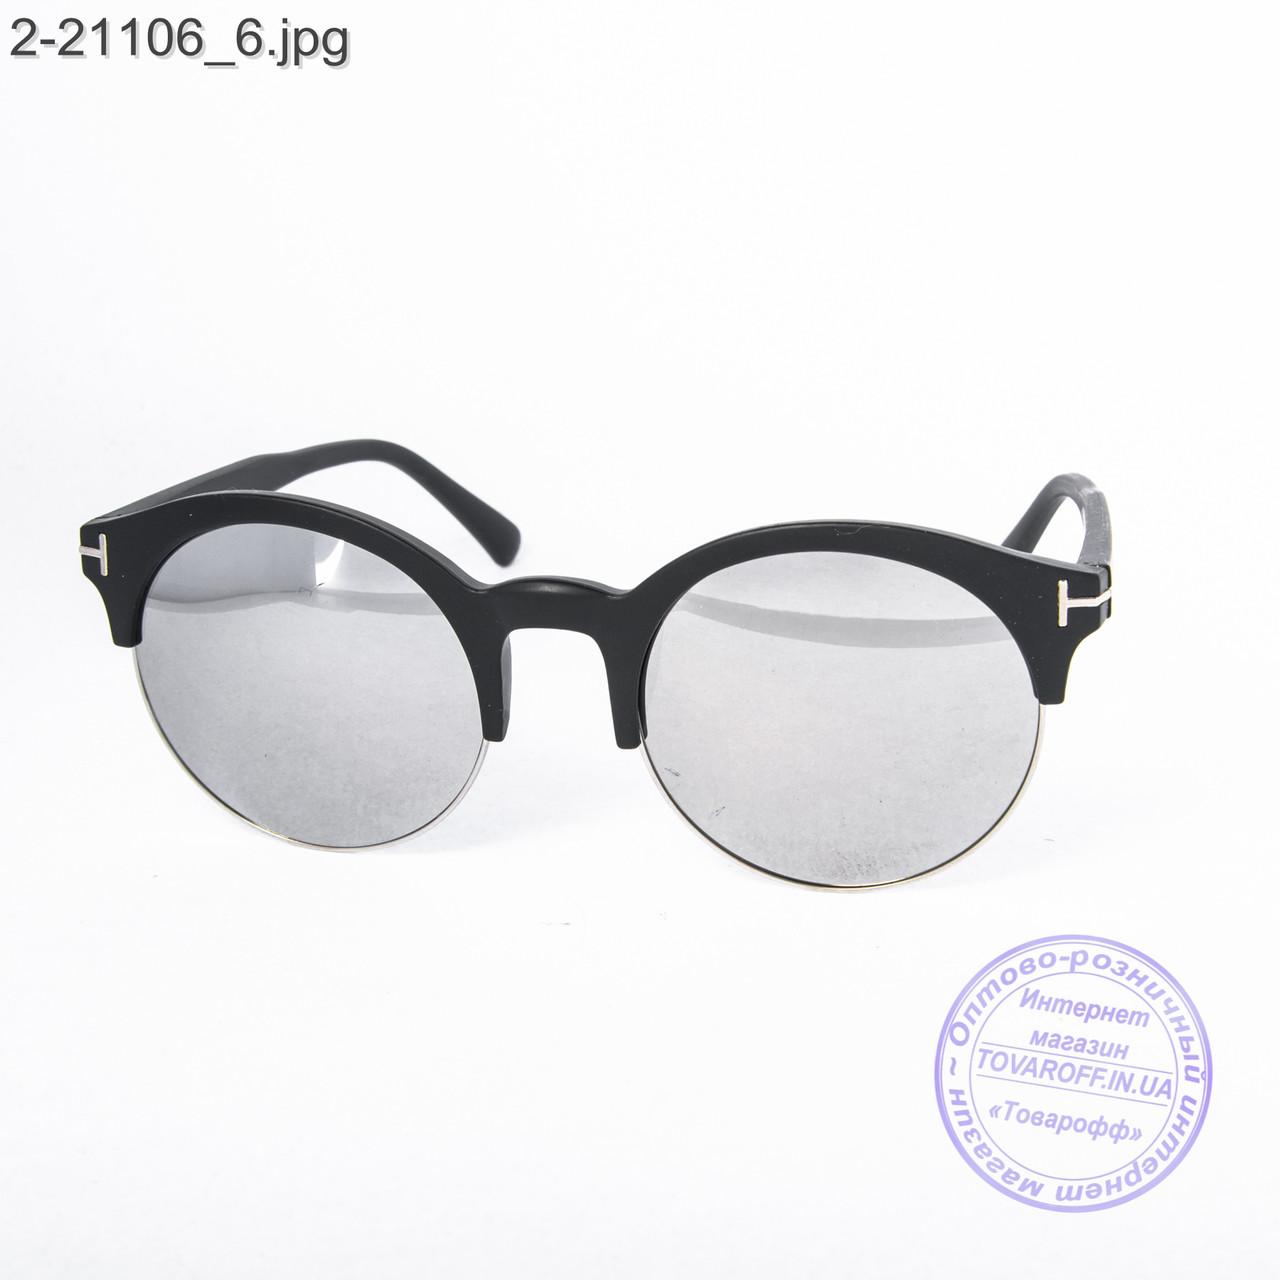 Сонцезахисні окуляри унісекс - чорні дзеркальні -2-21106